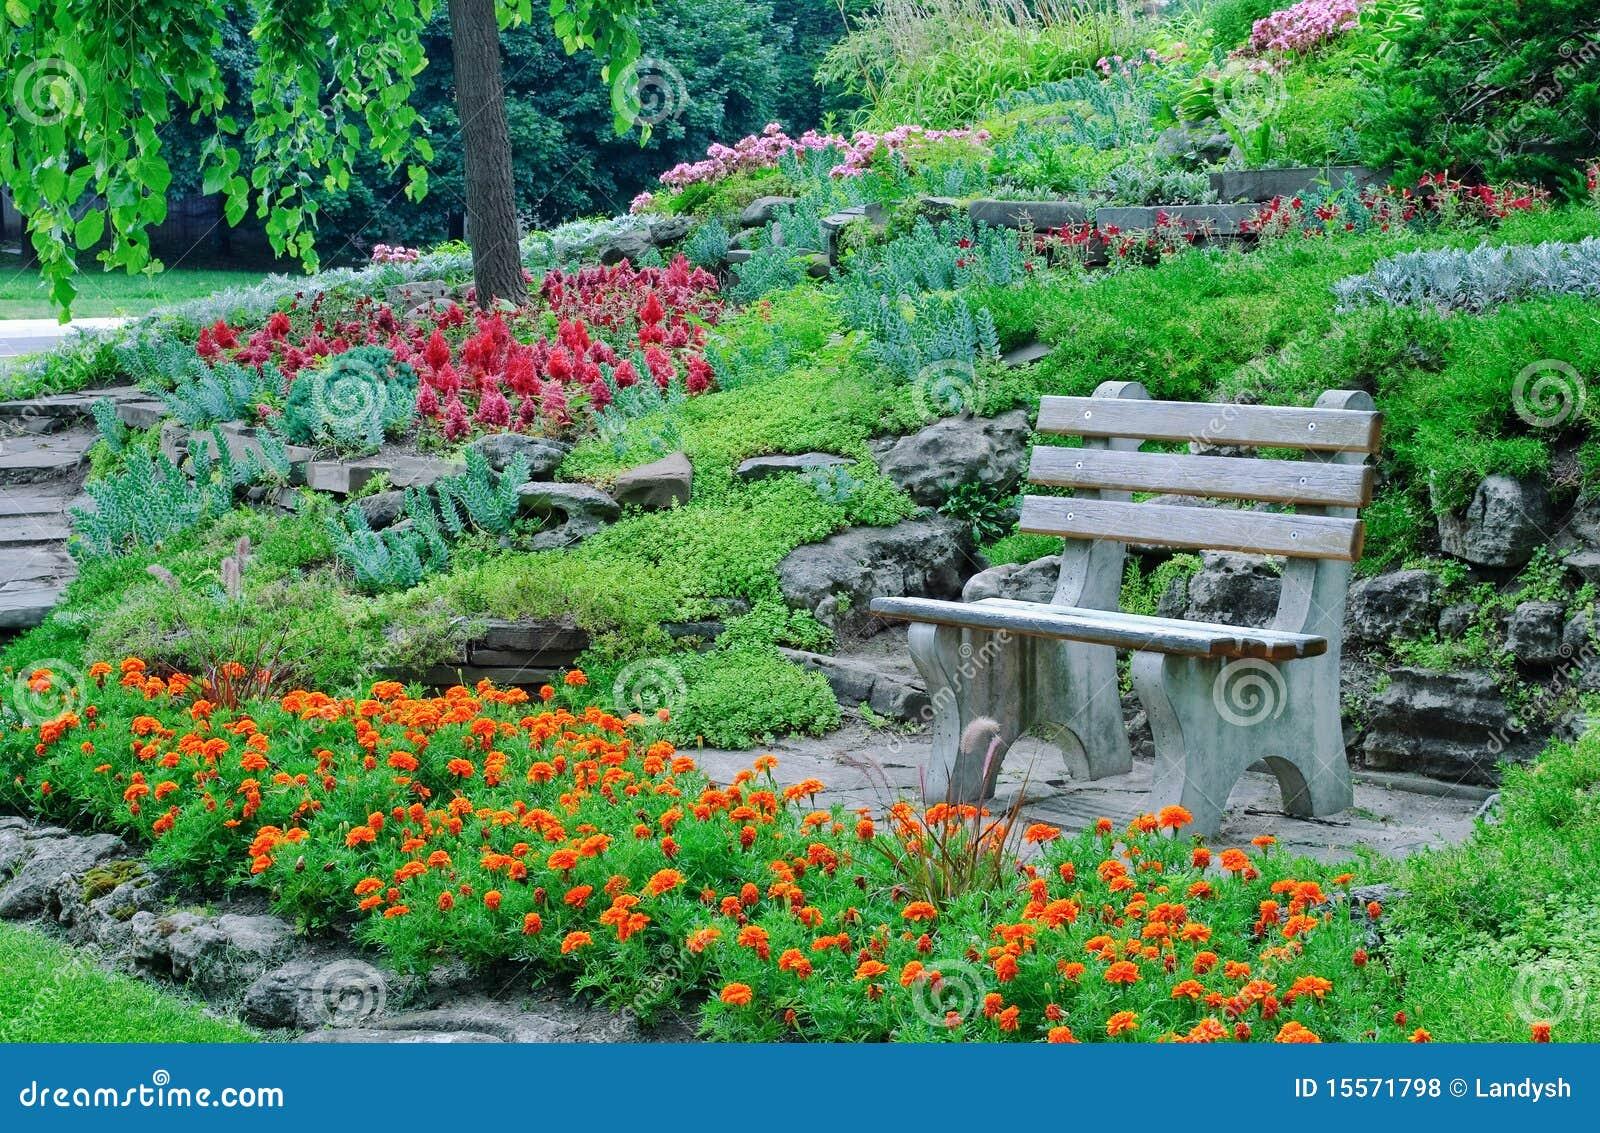 Macizos de flores plantas decorativas en un parque foto for Plantas decorativas hidroponicas